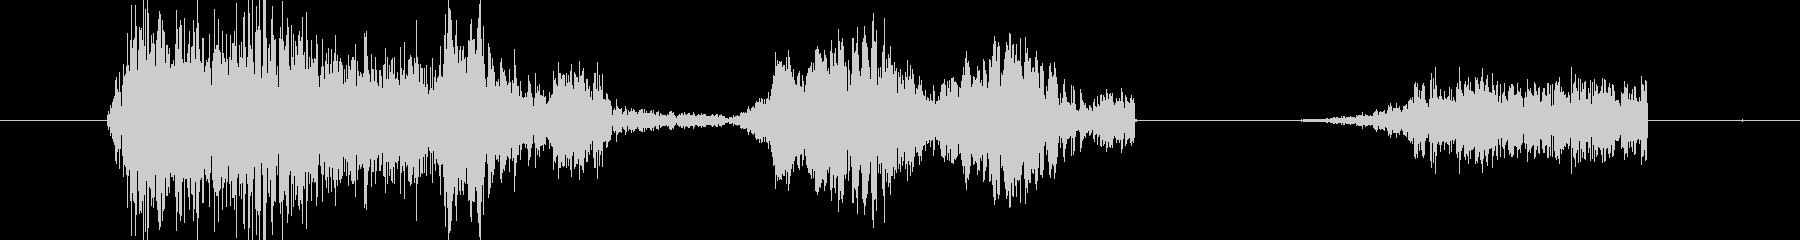 イメージ クレイジートーク01の未再生の波形